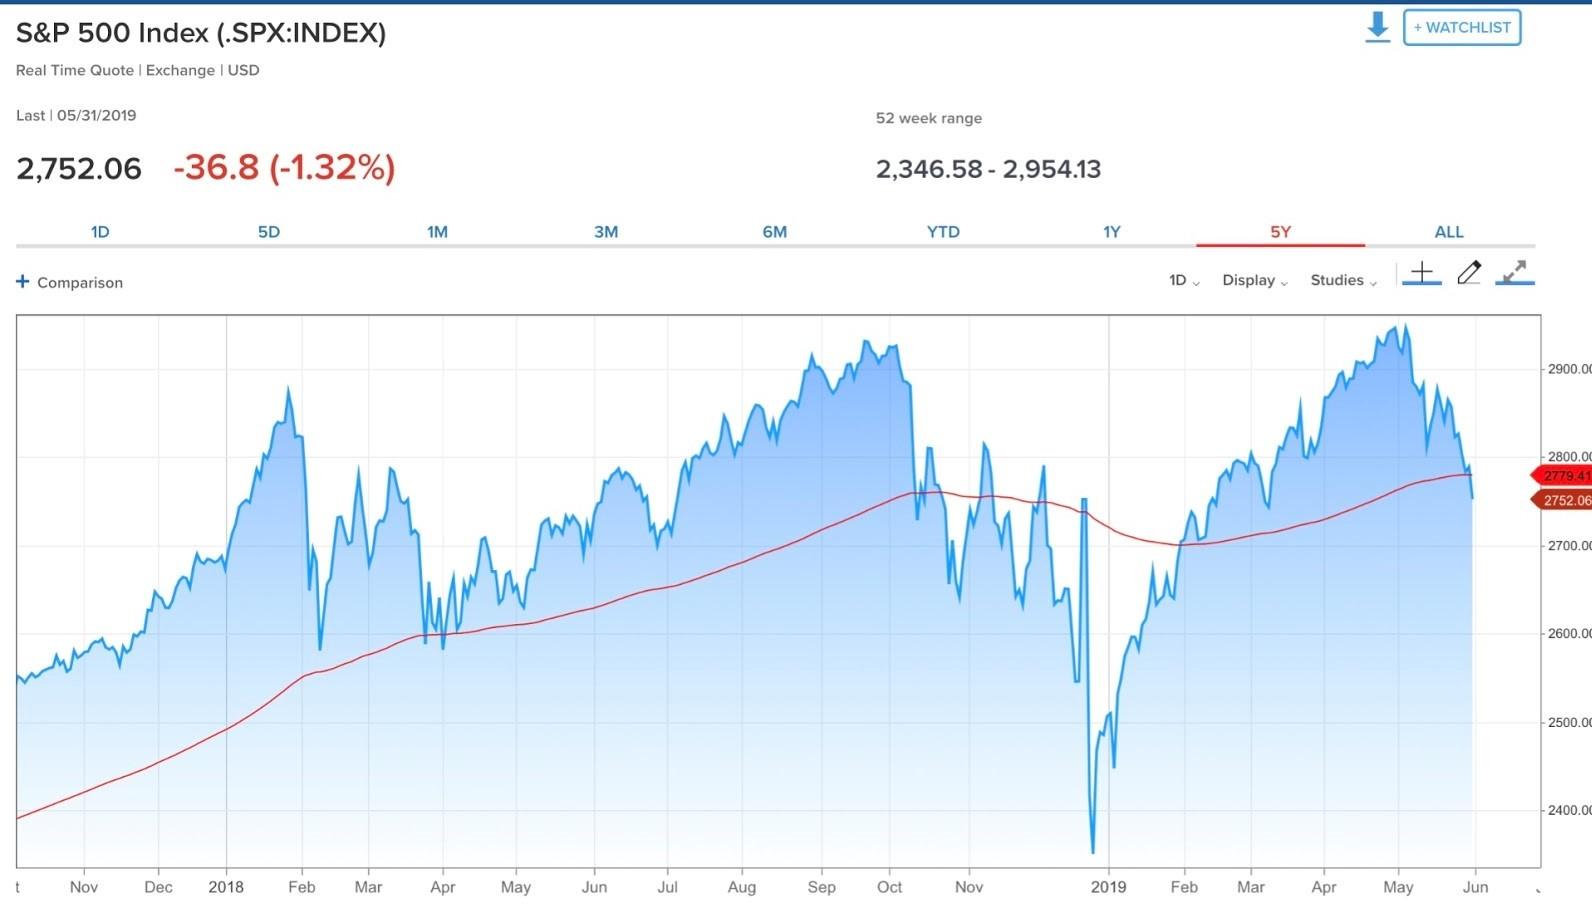 Mike Santoli: A full breakdown of where the stock market